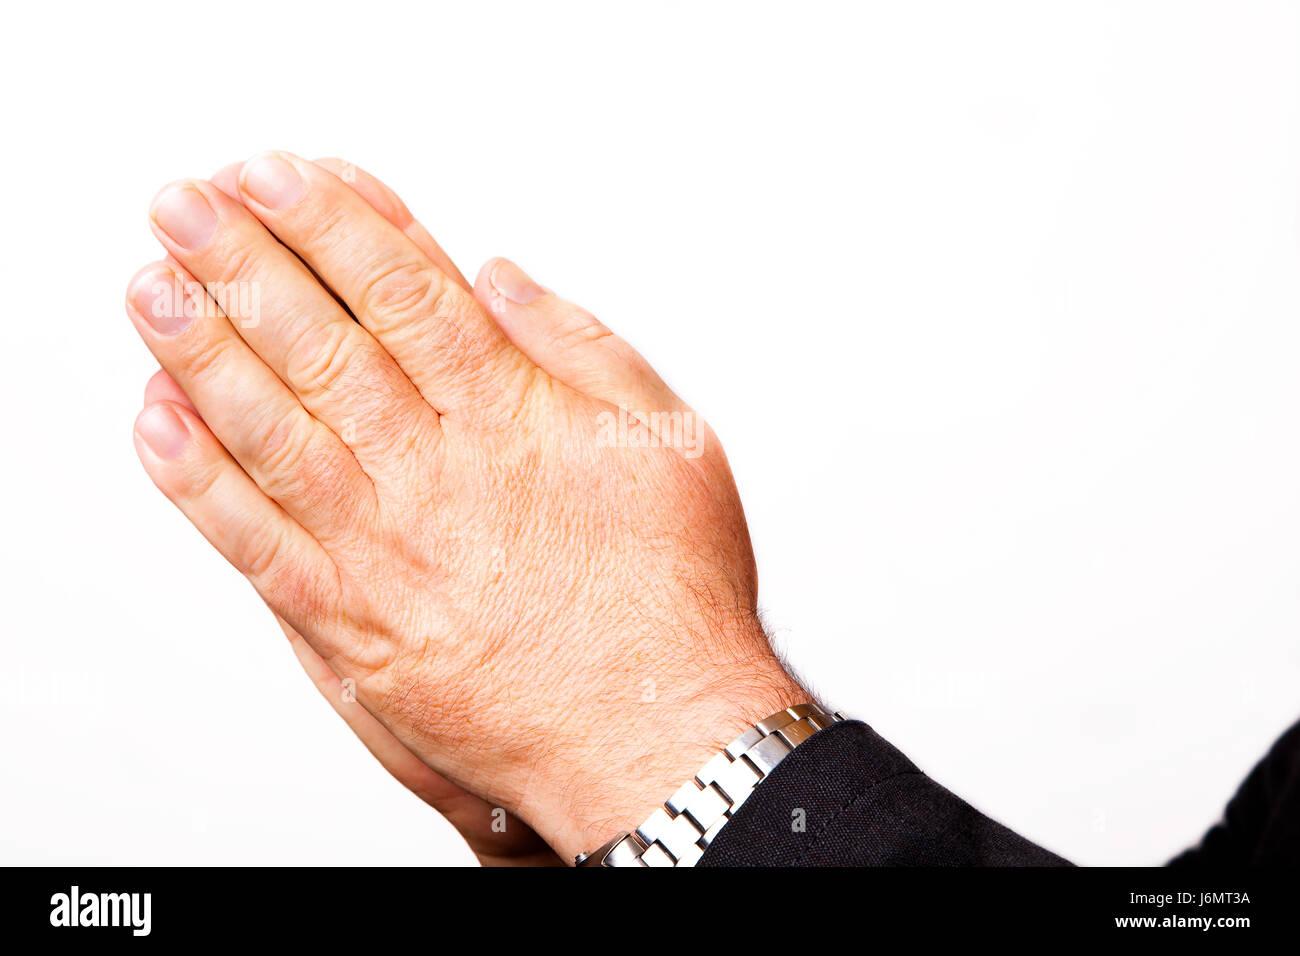 La Credenza In Dio : Mano a credenza dio pregare tenere mendicare preghiera rughe